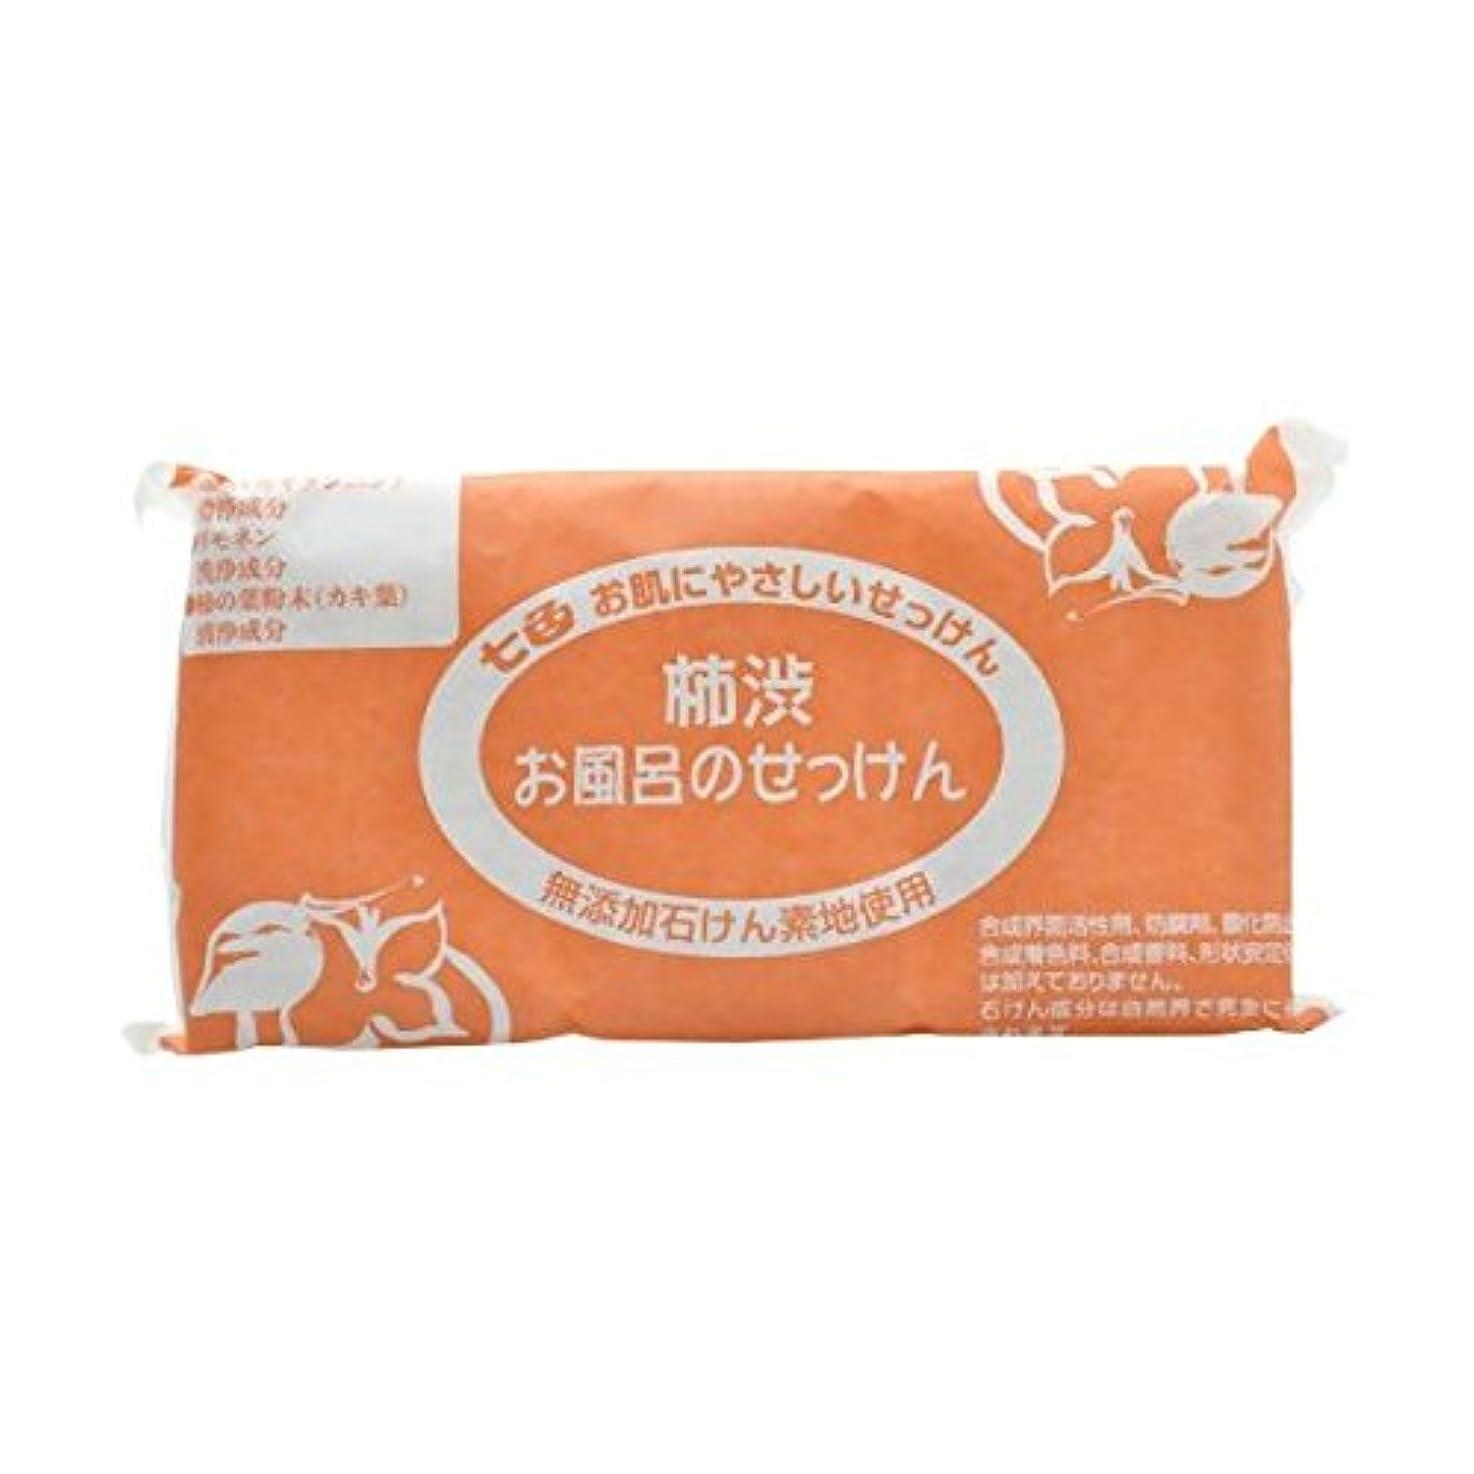 喉頭中止します休戦(まとめ買い)七色 お風呂のせっけん 柿渋(無添加石鹸) 100g×3個入×9セット